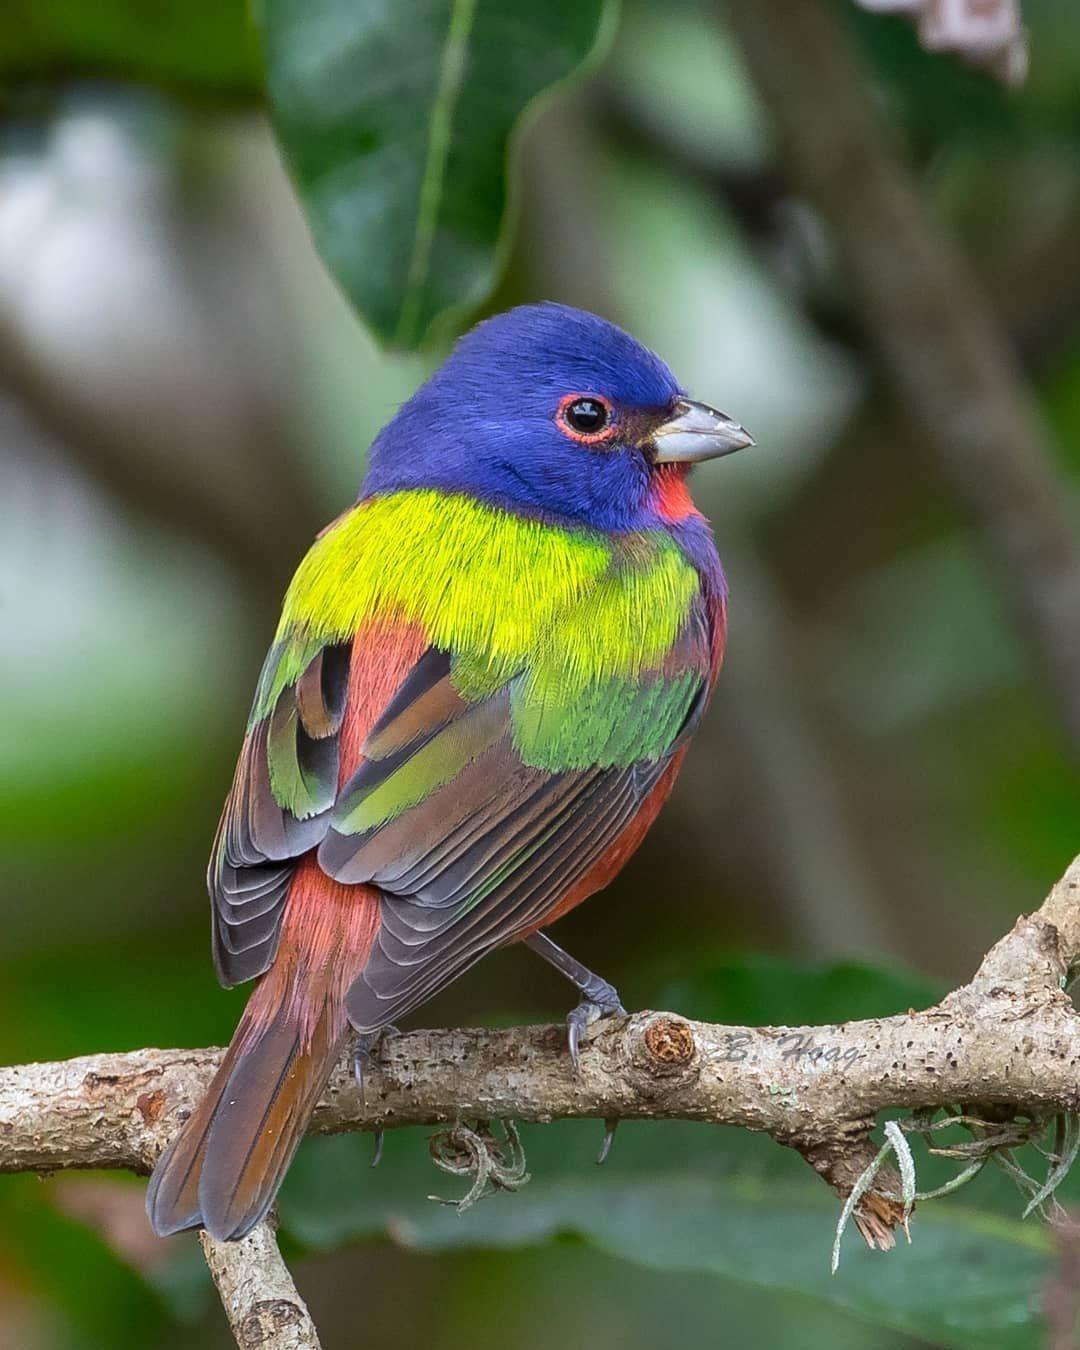 Parece Un Paisaje De Primavera Pajaros Hermosos Aves De Colores Aves Hermosas